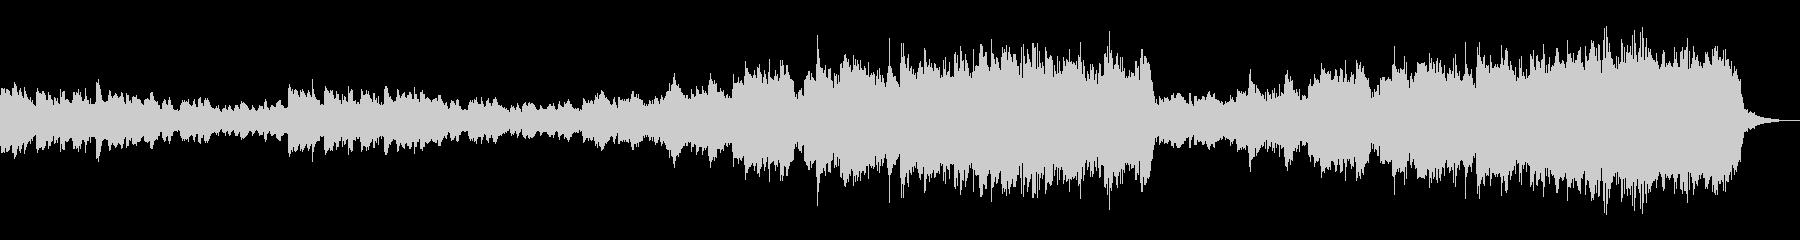 シューマン :子供の情景 Op.15-9の未再生の波形